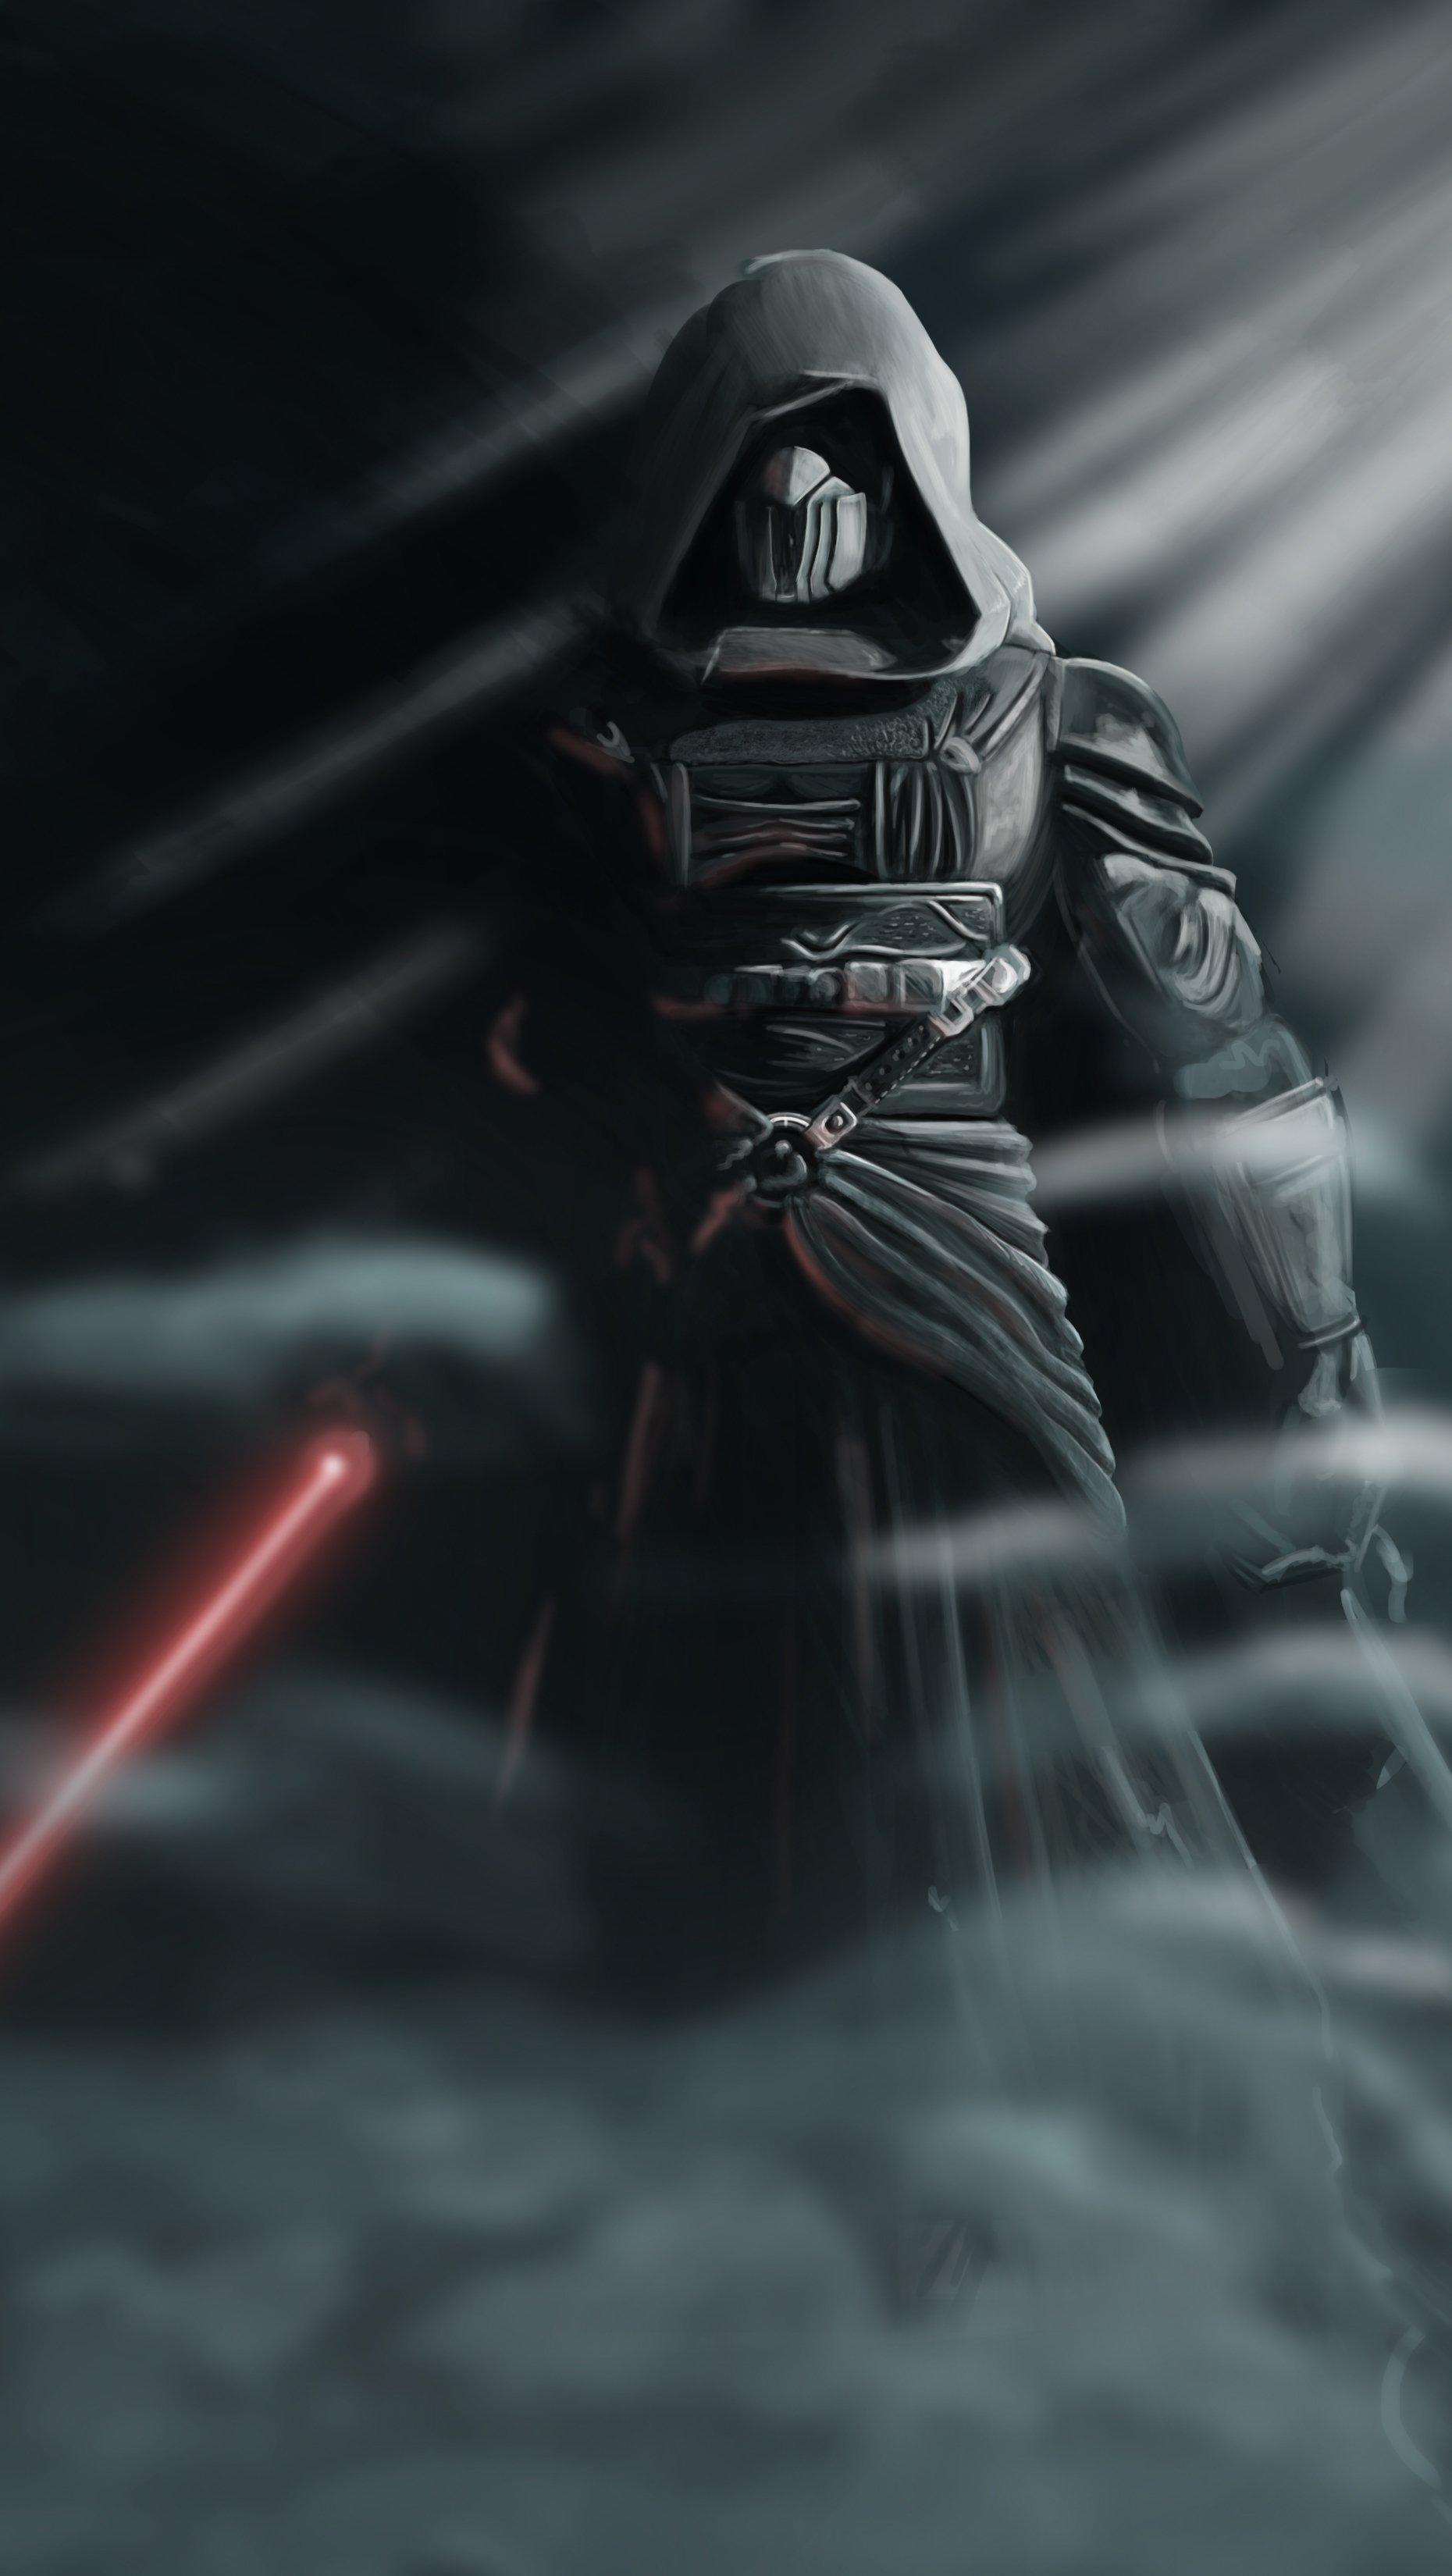 Fondos de pantalla Darth Revan Star Wars con Sable de Luz Vertical